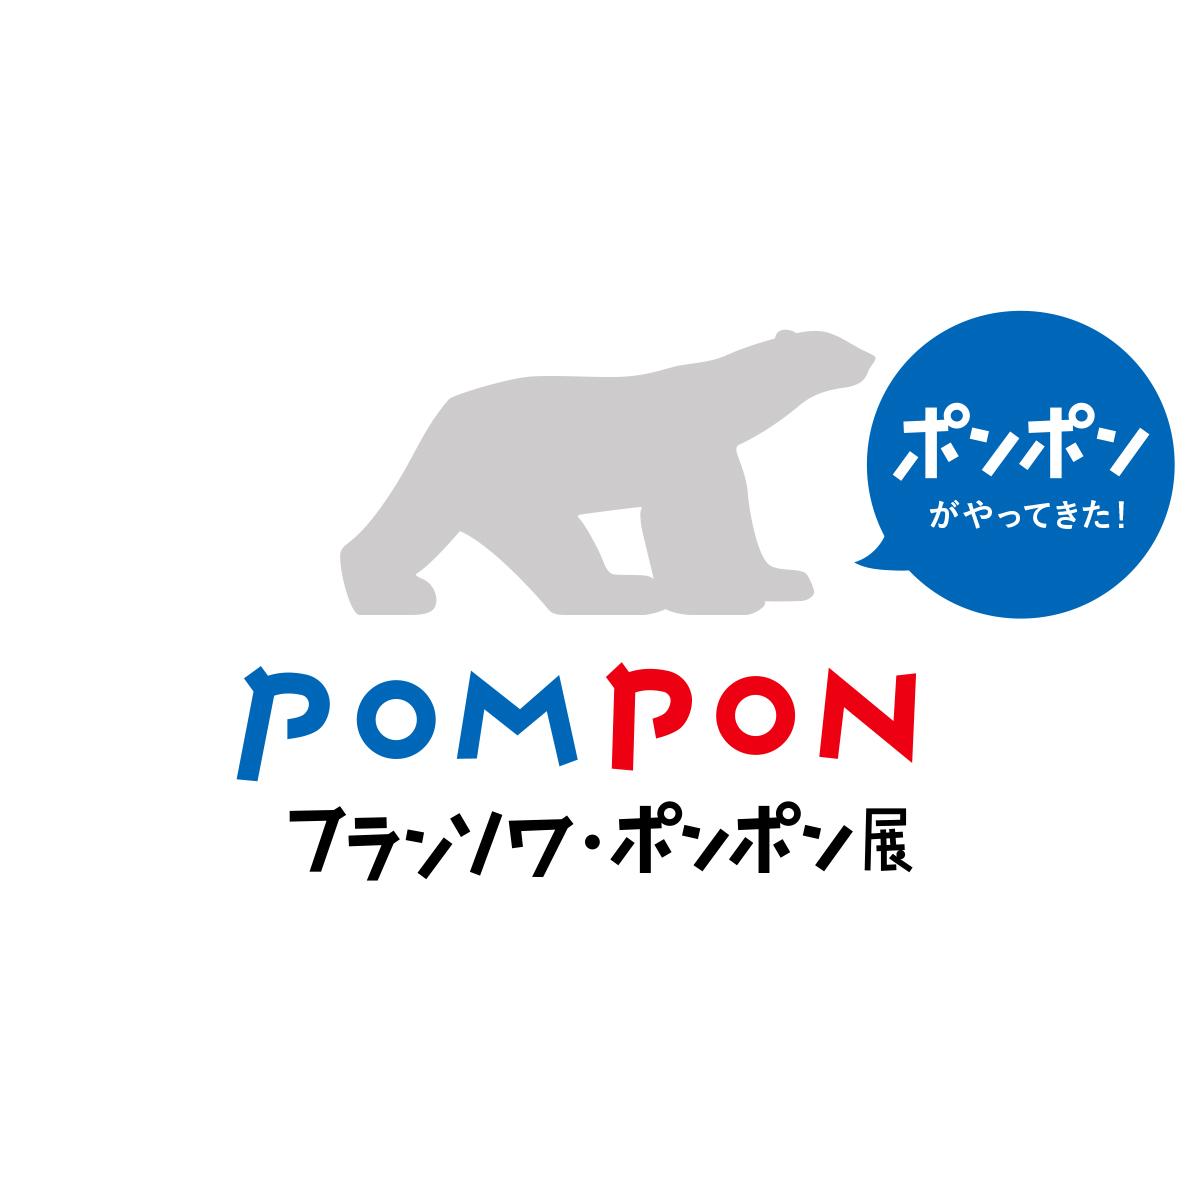 画像: フランソワ・ポンポン展 〜動物を愛した彫刻家〜 公式サイト|François Pompon Exhibition